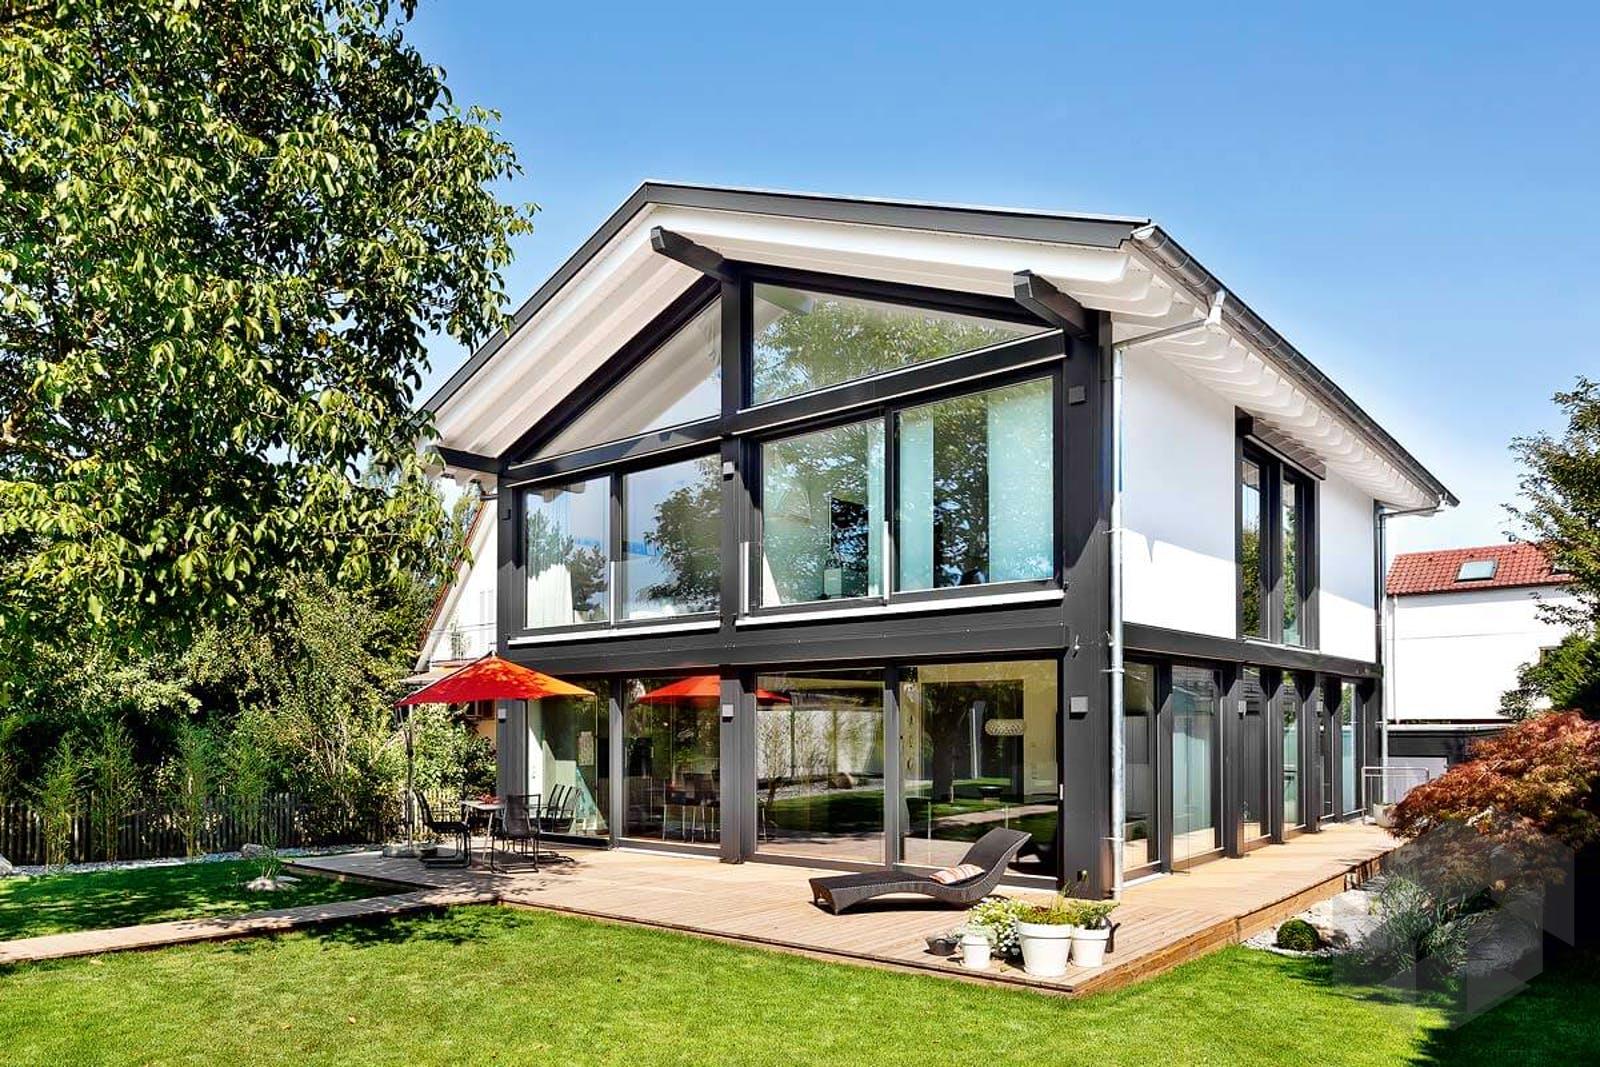 haus mit viel glas auen ein groes renoviertes haus mit falttren tren und viel glas treppen. Black Bedroom Furniture Sets. Home Design Ideas